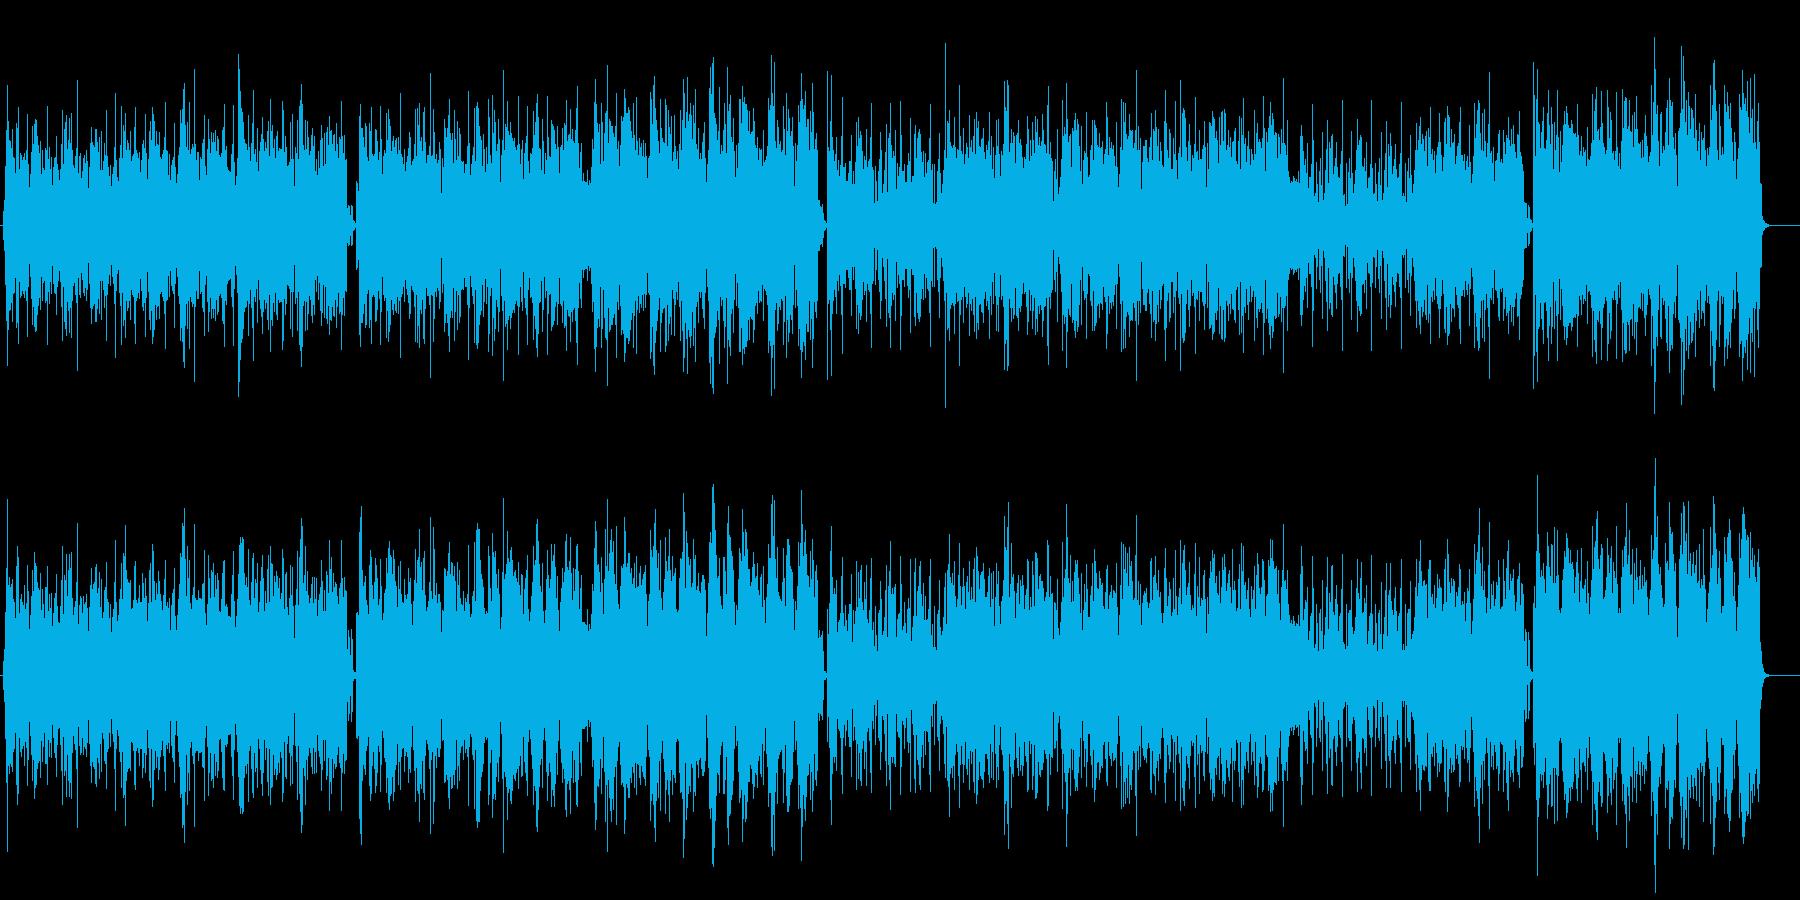 ダンス「ISAAC」の再生済みの波形